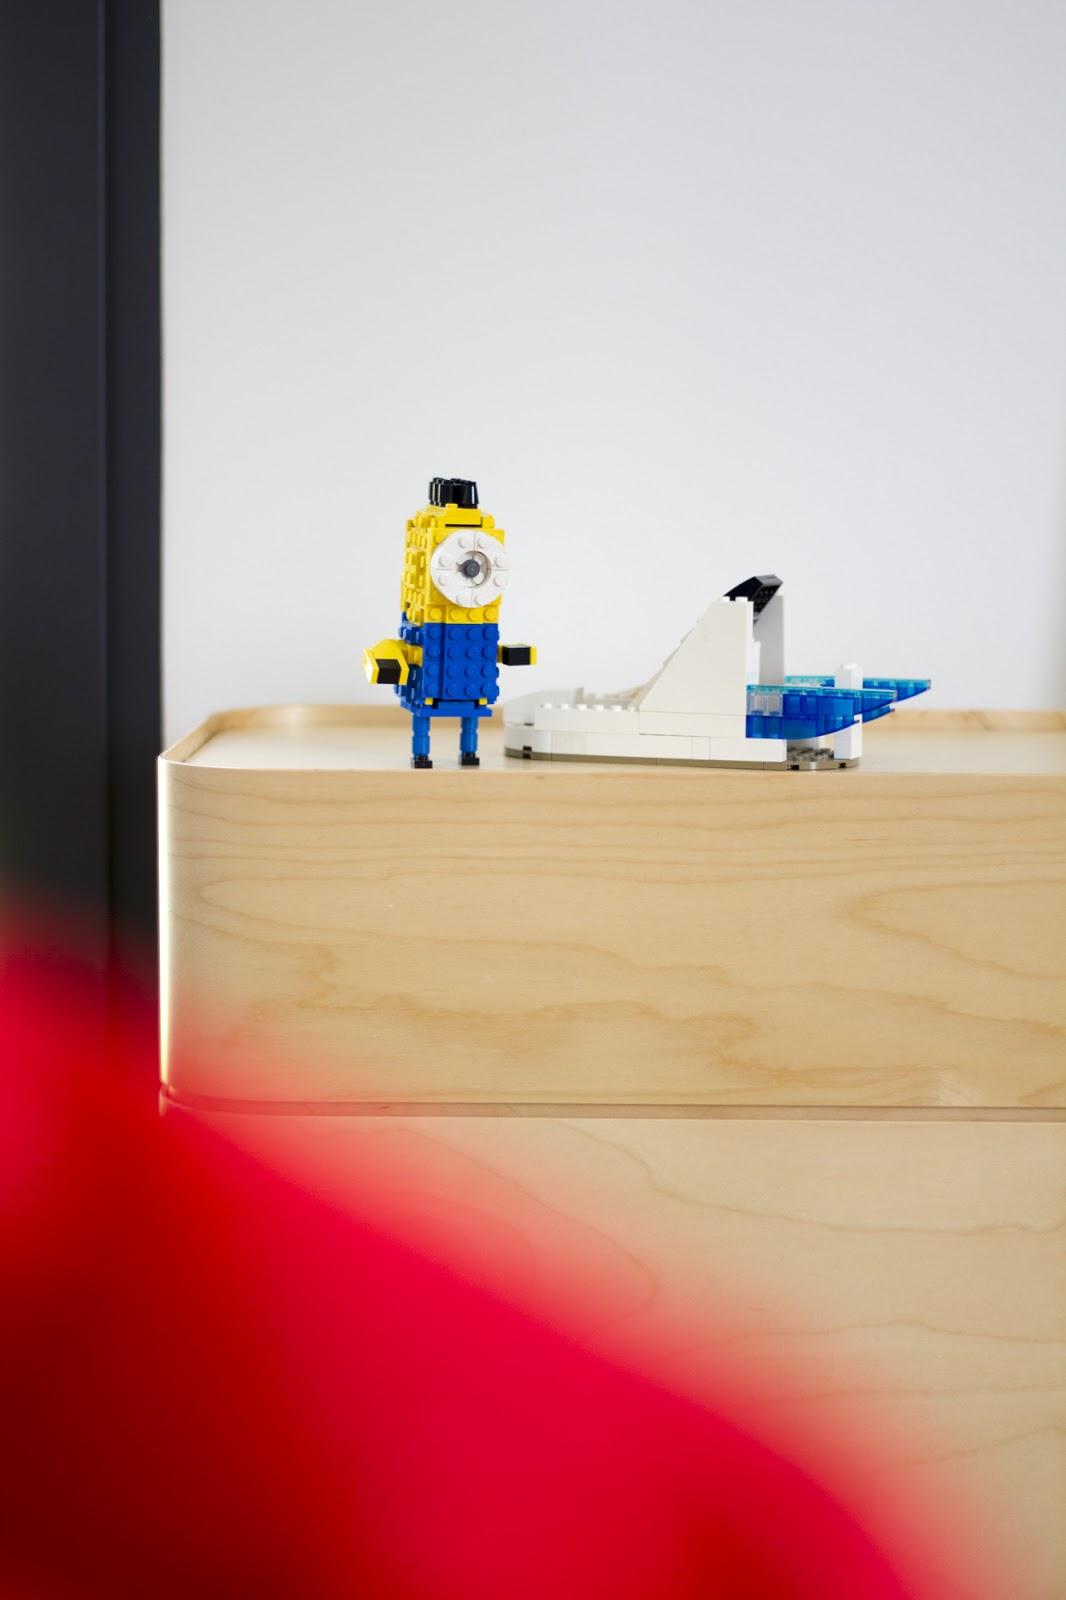 Lastenhuoneen Iittala Vakka ja lego hahmoja